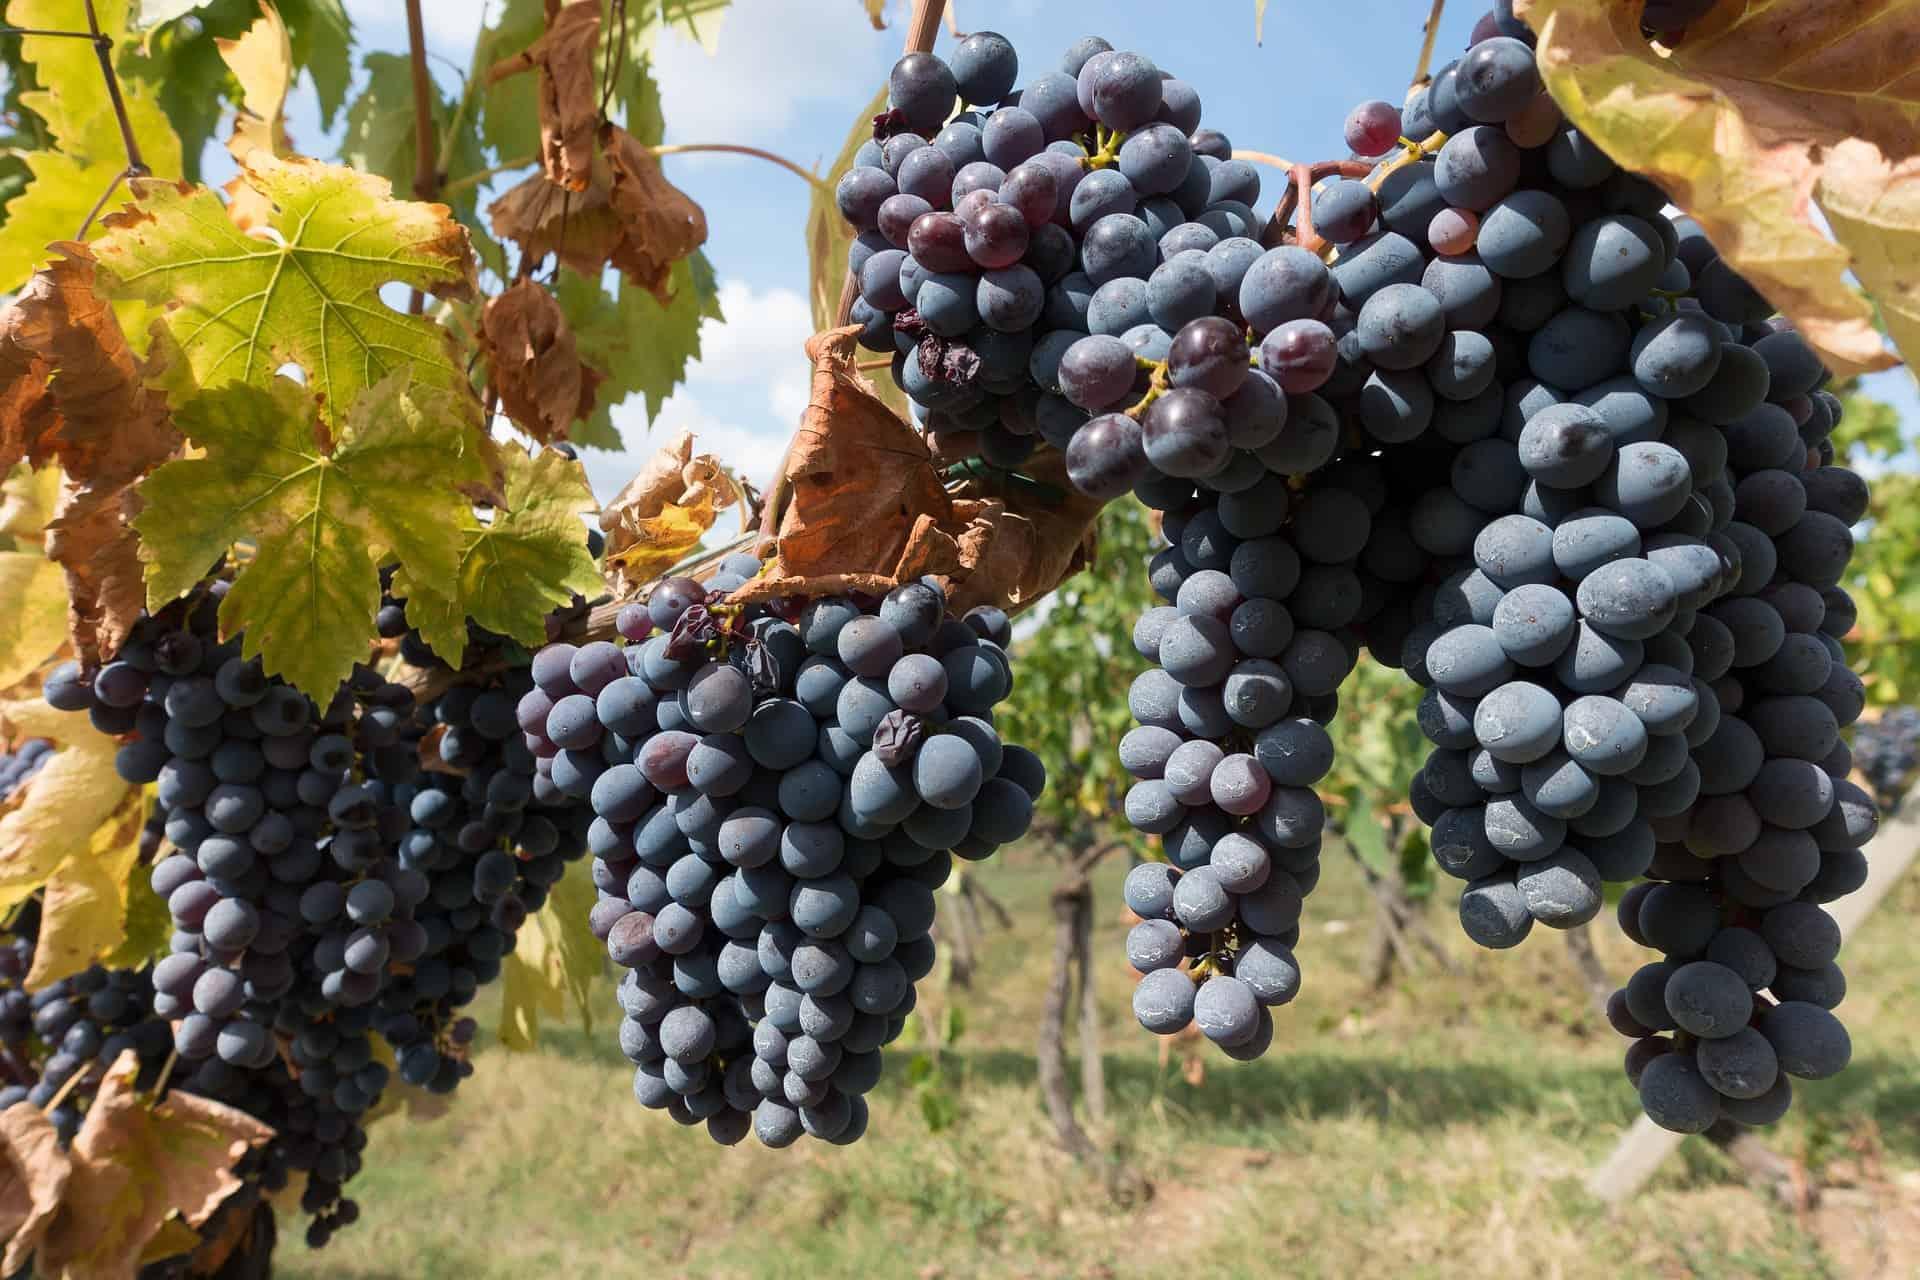 Familienurlaub bei Chianti - saftige Früchte erwarten euch in den Sommerferien